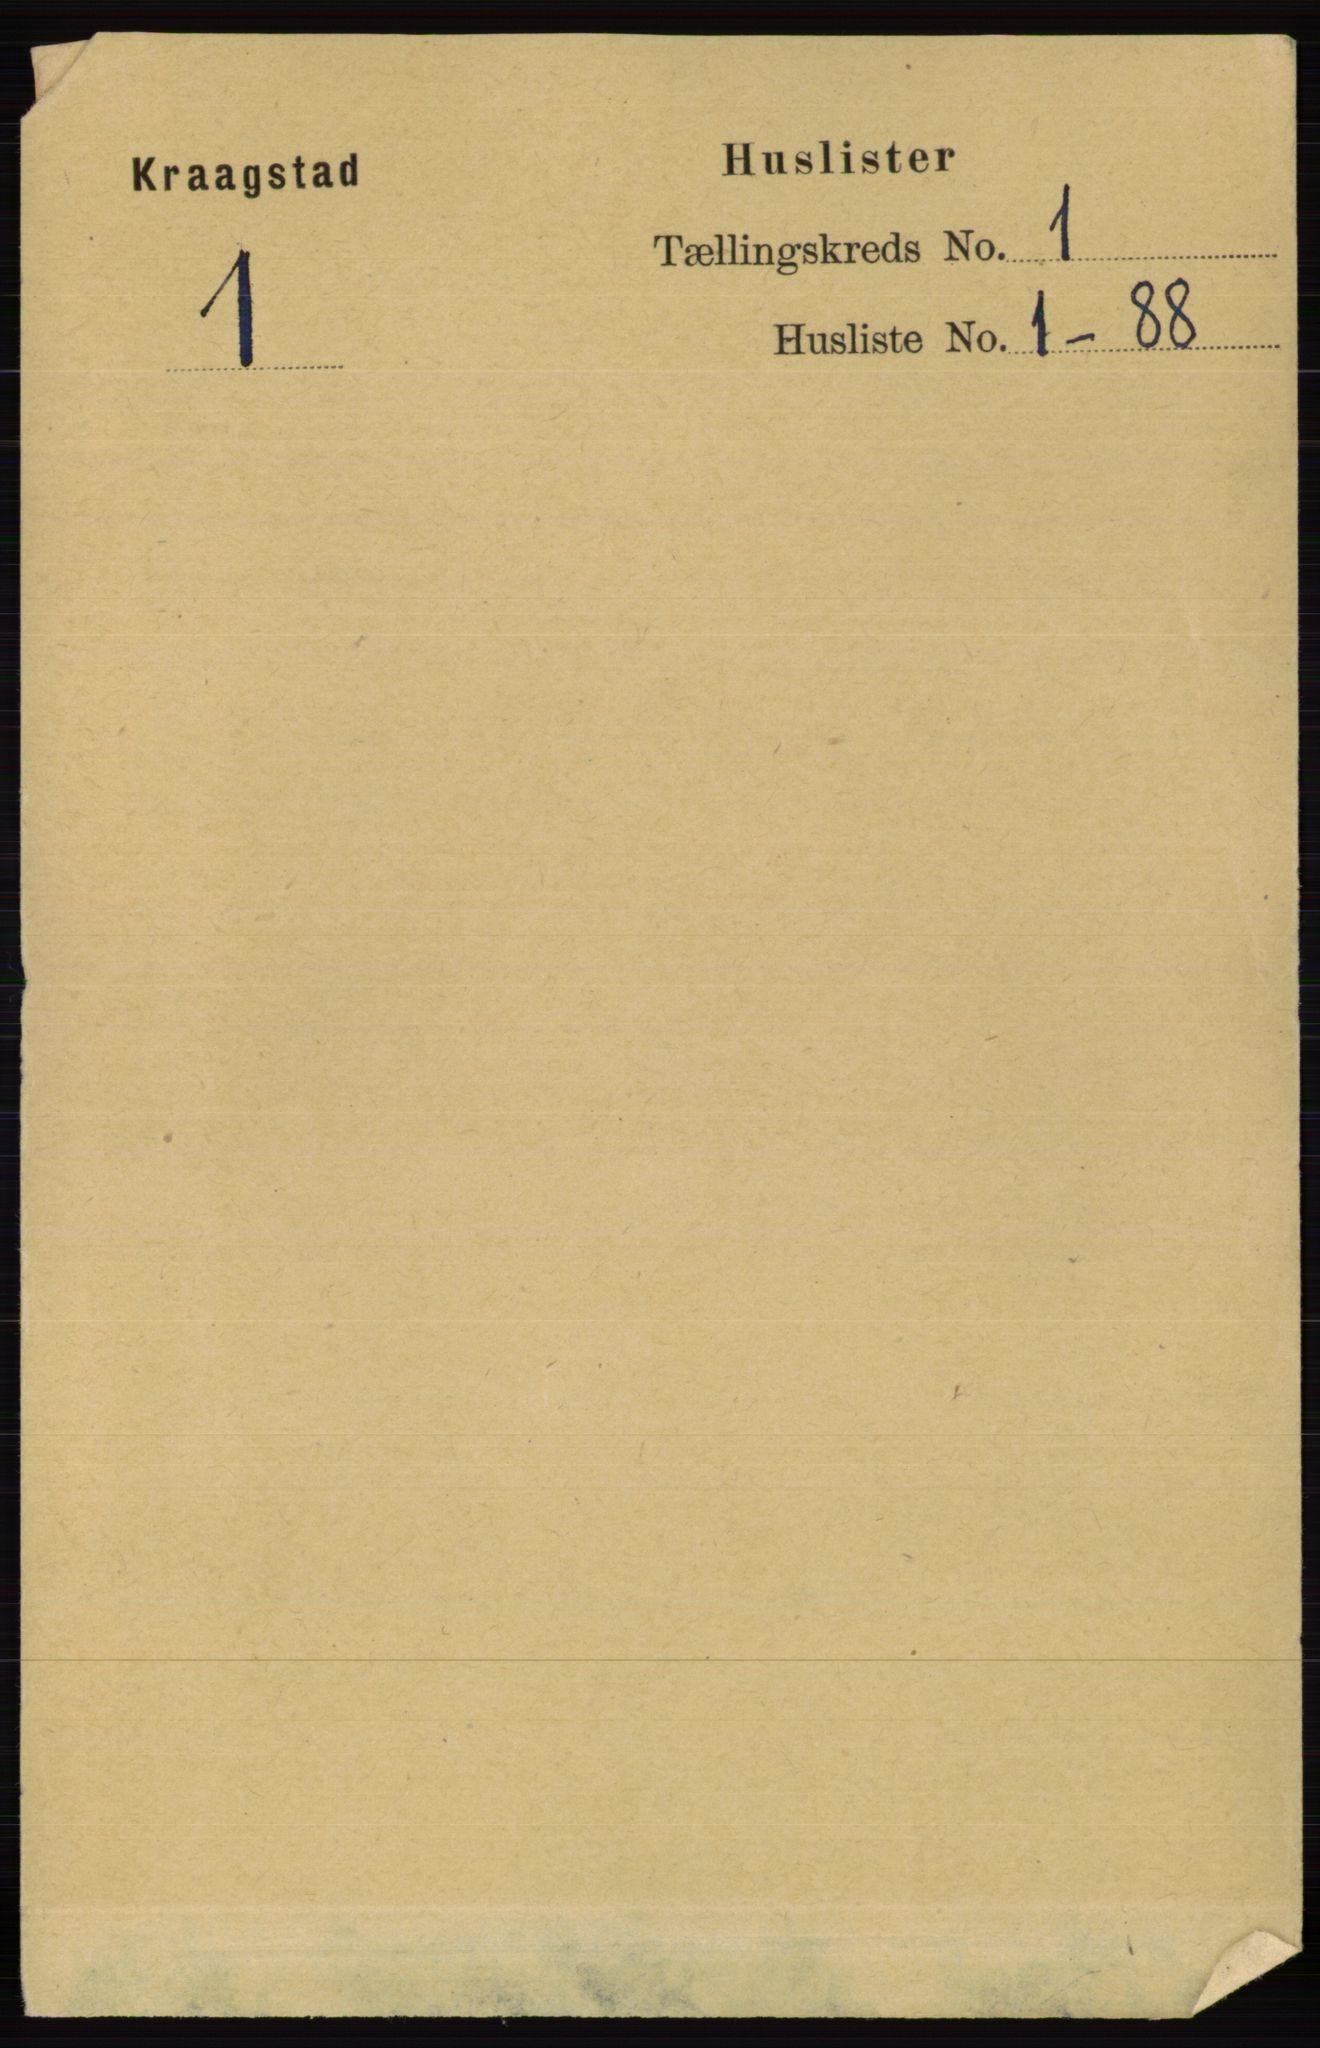 RA, Folketelling 1891 for 0212 Kråkstad herred, 1891, s. 21